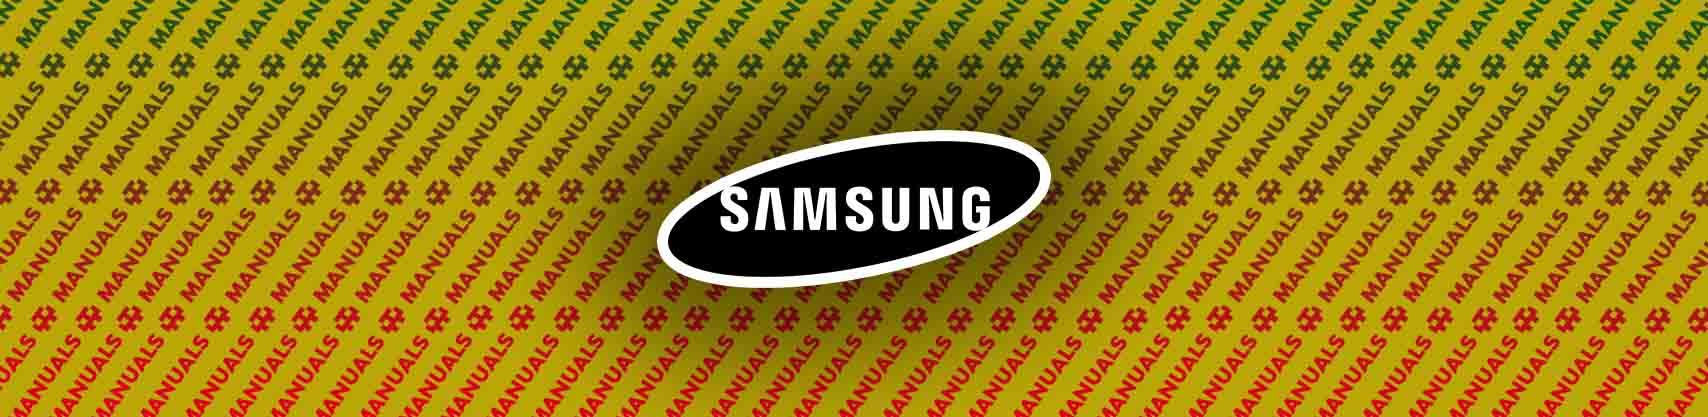 Samsung Convoy 3 Manual